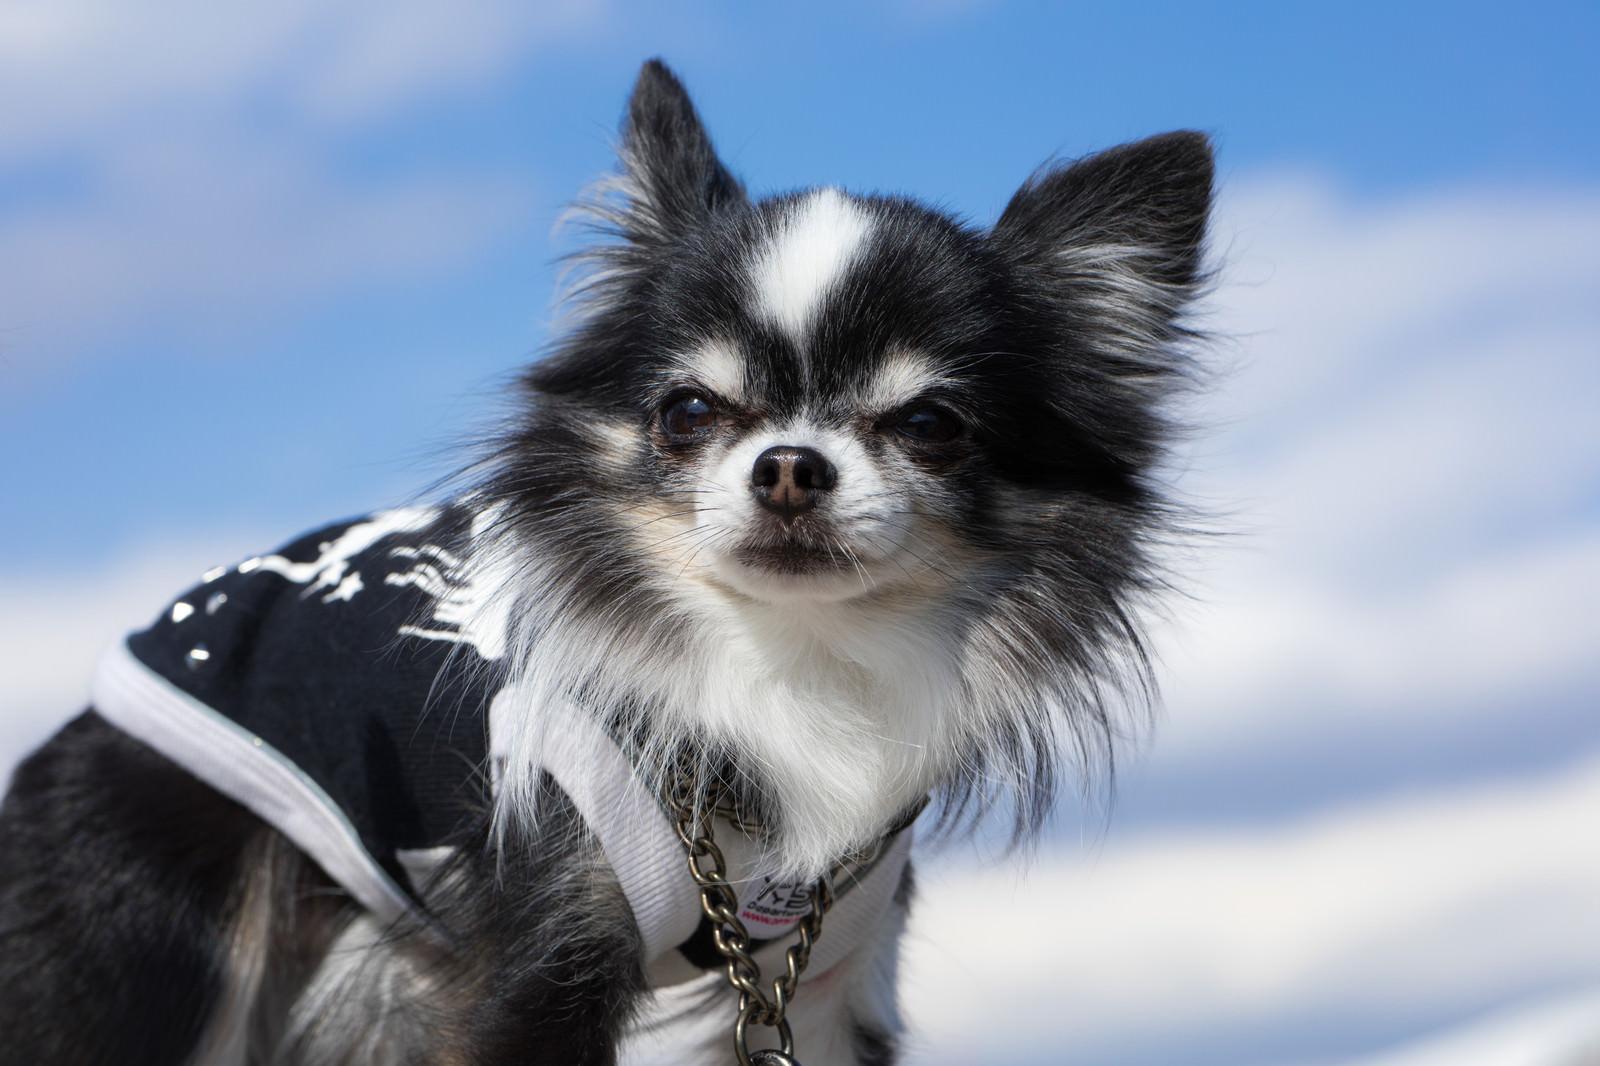 「ダンディ顔のチワワ(犬)」の写真